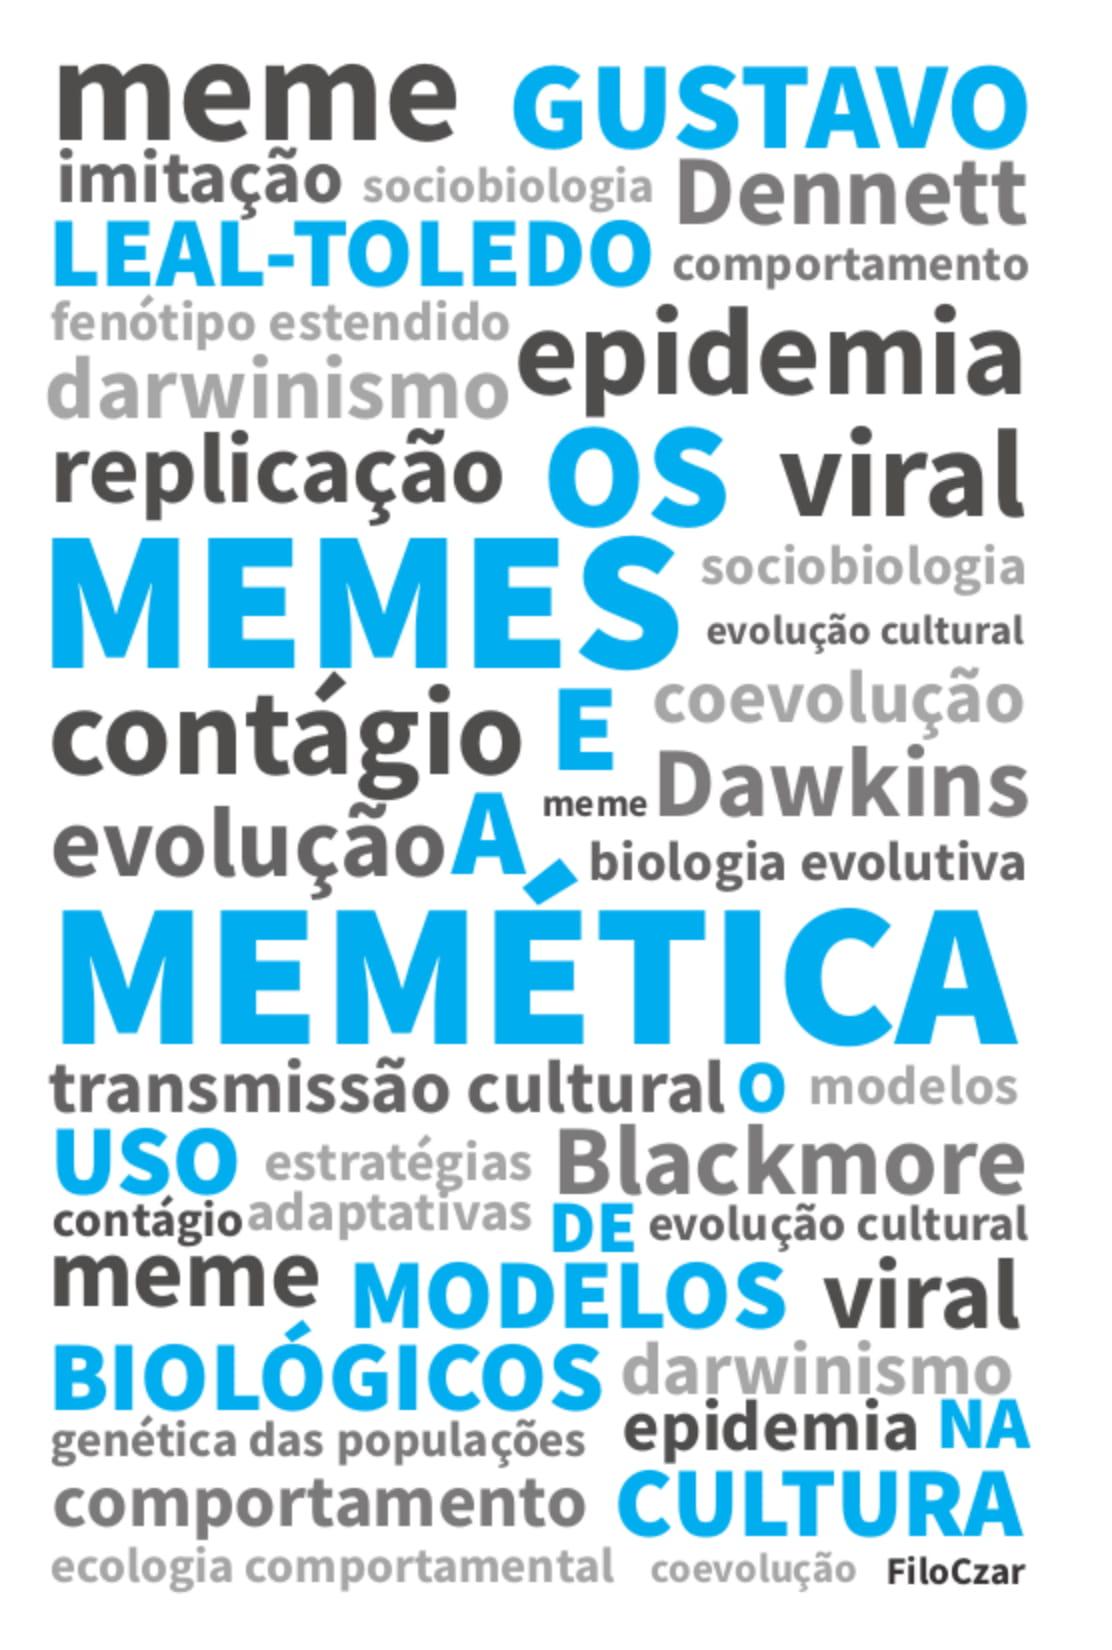 Os memes e a memética o uso de modelos biológicos na cultura